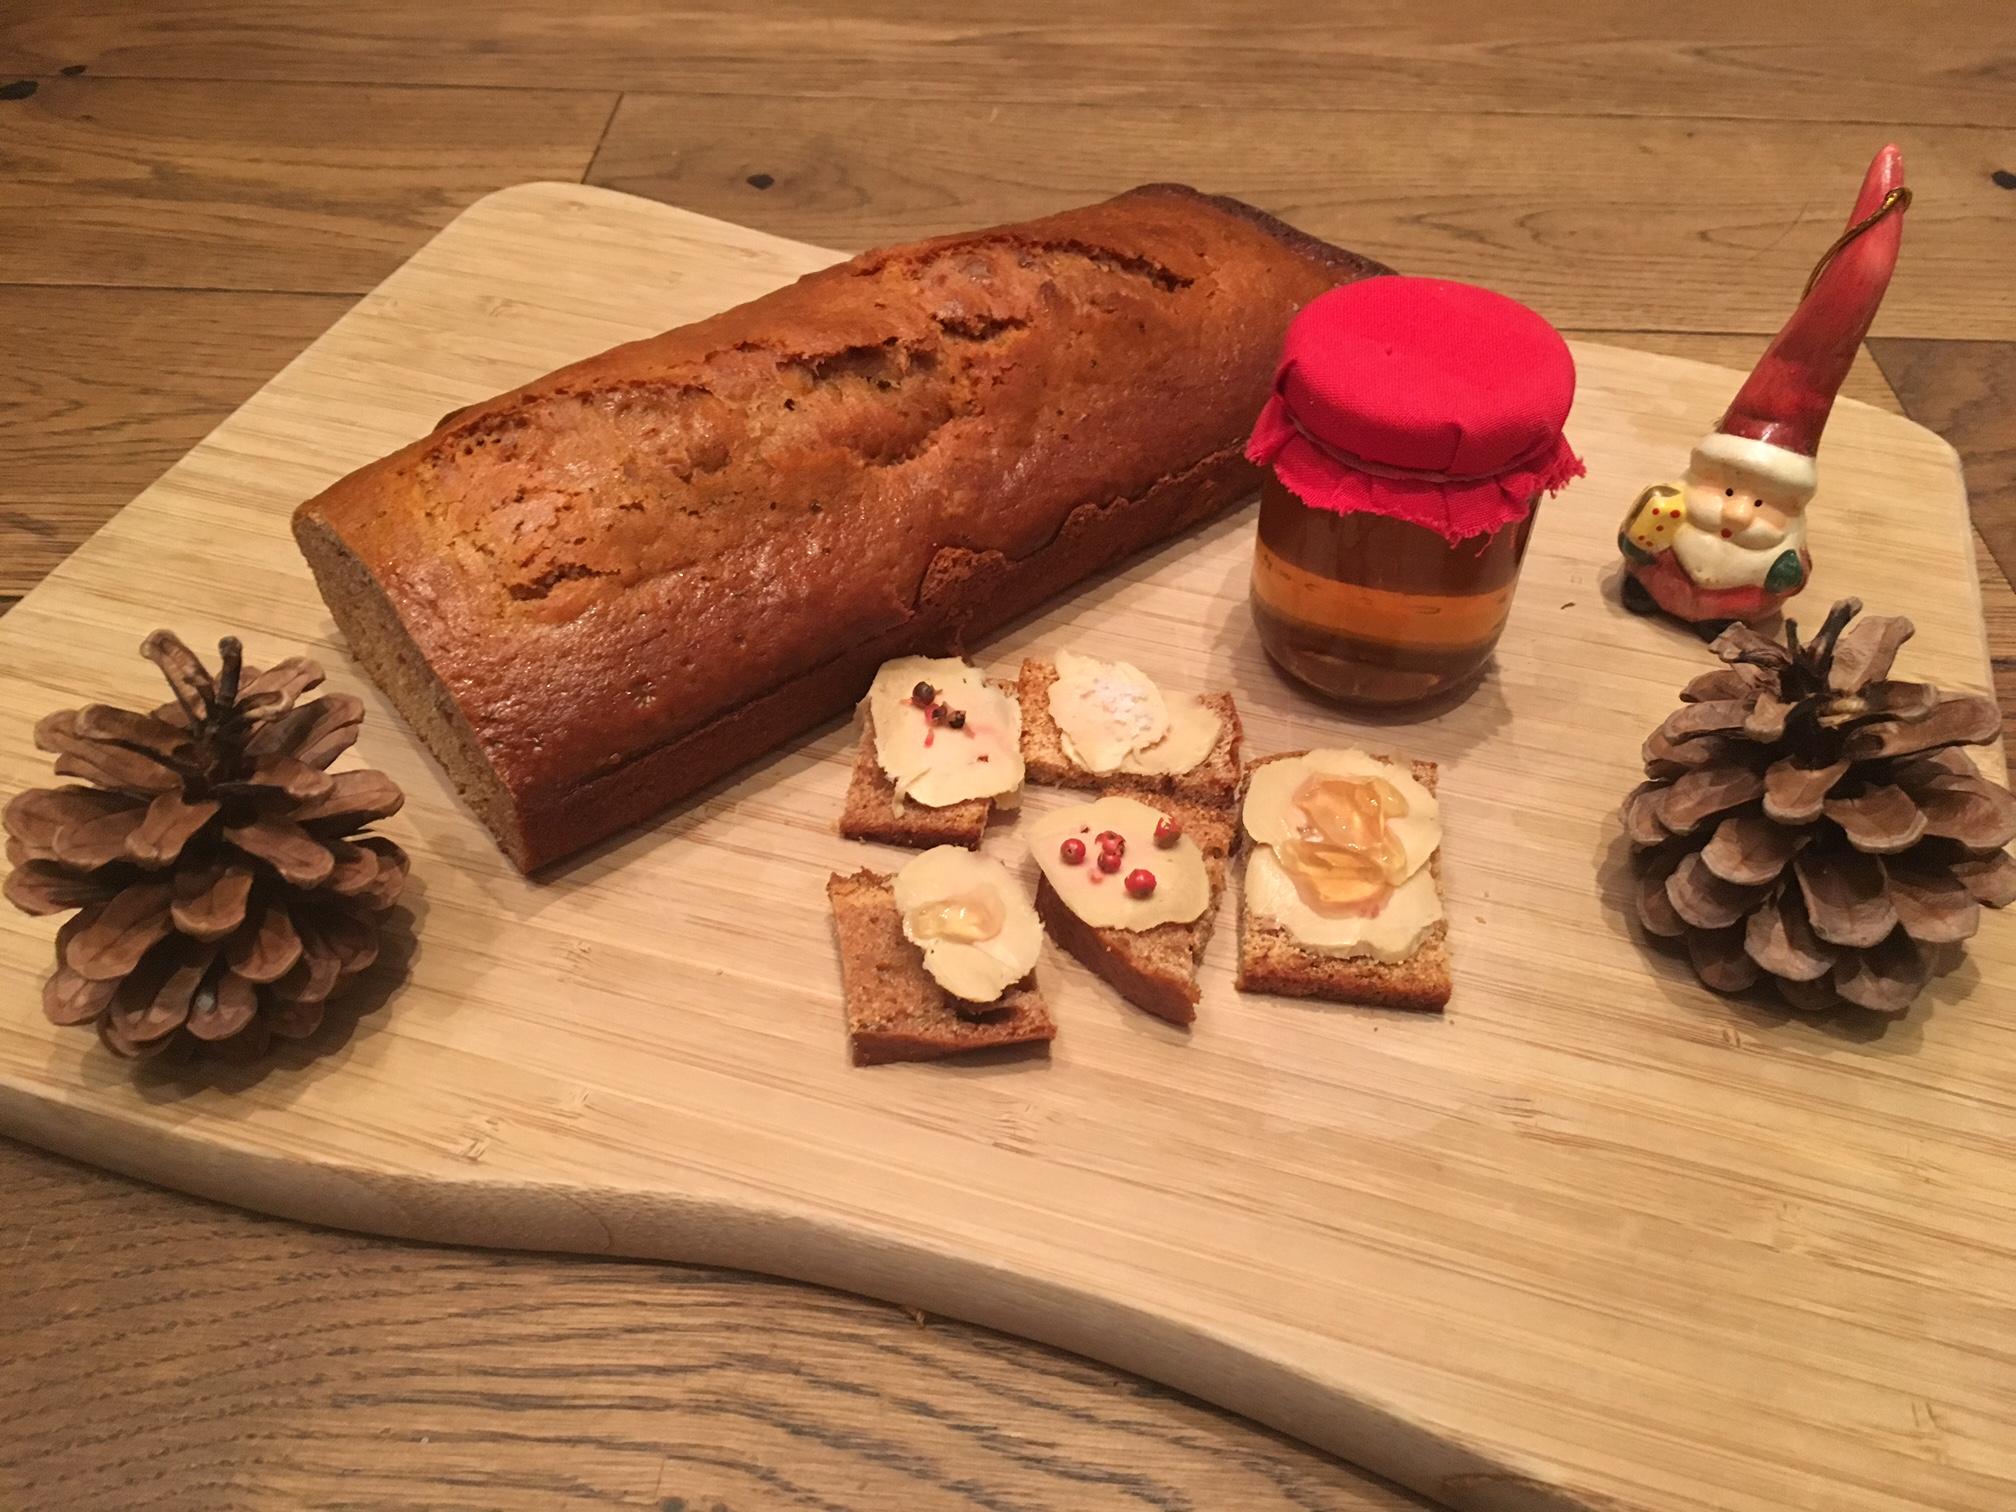 recette de foie gras maison ultra facile one mum show. Black Bedroom Furniture Sets. Home Design Ideas